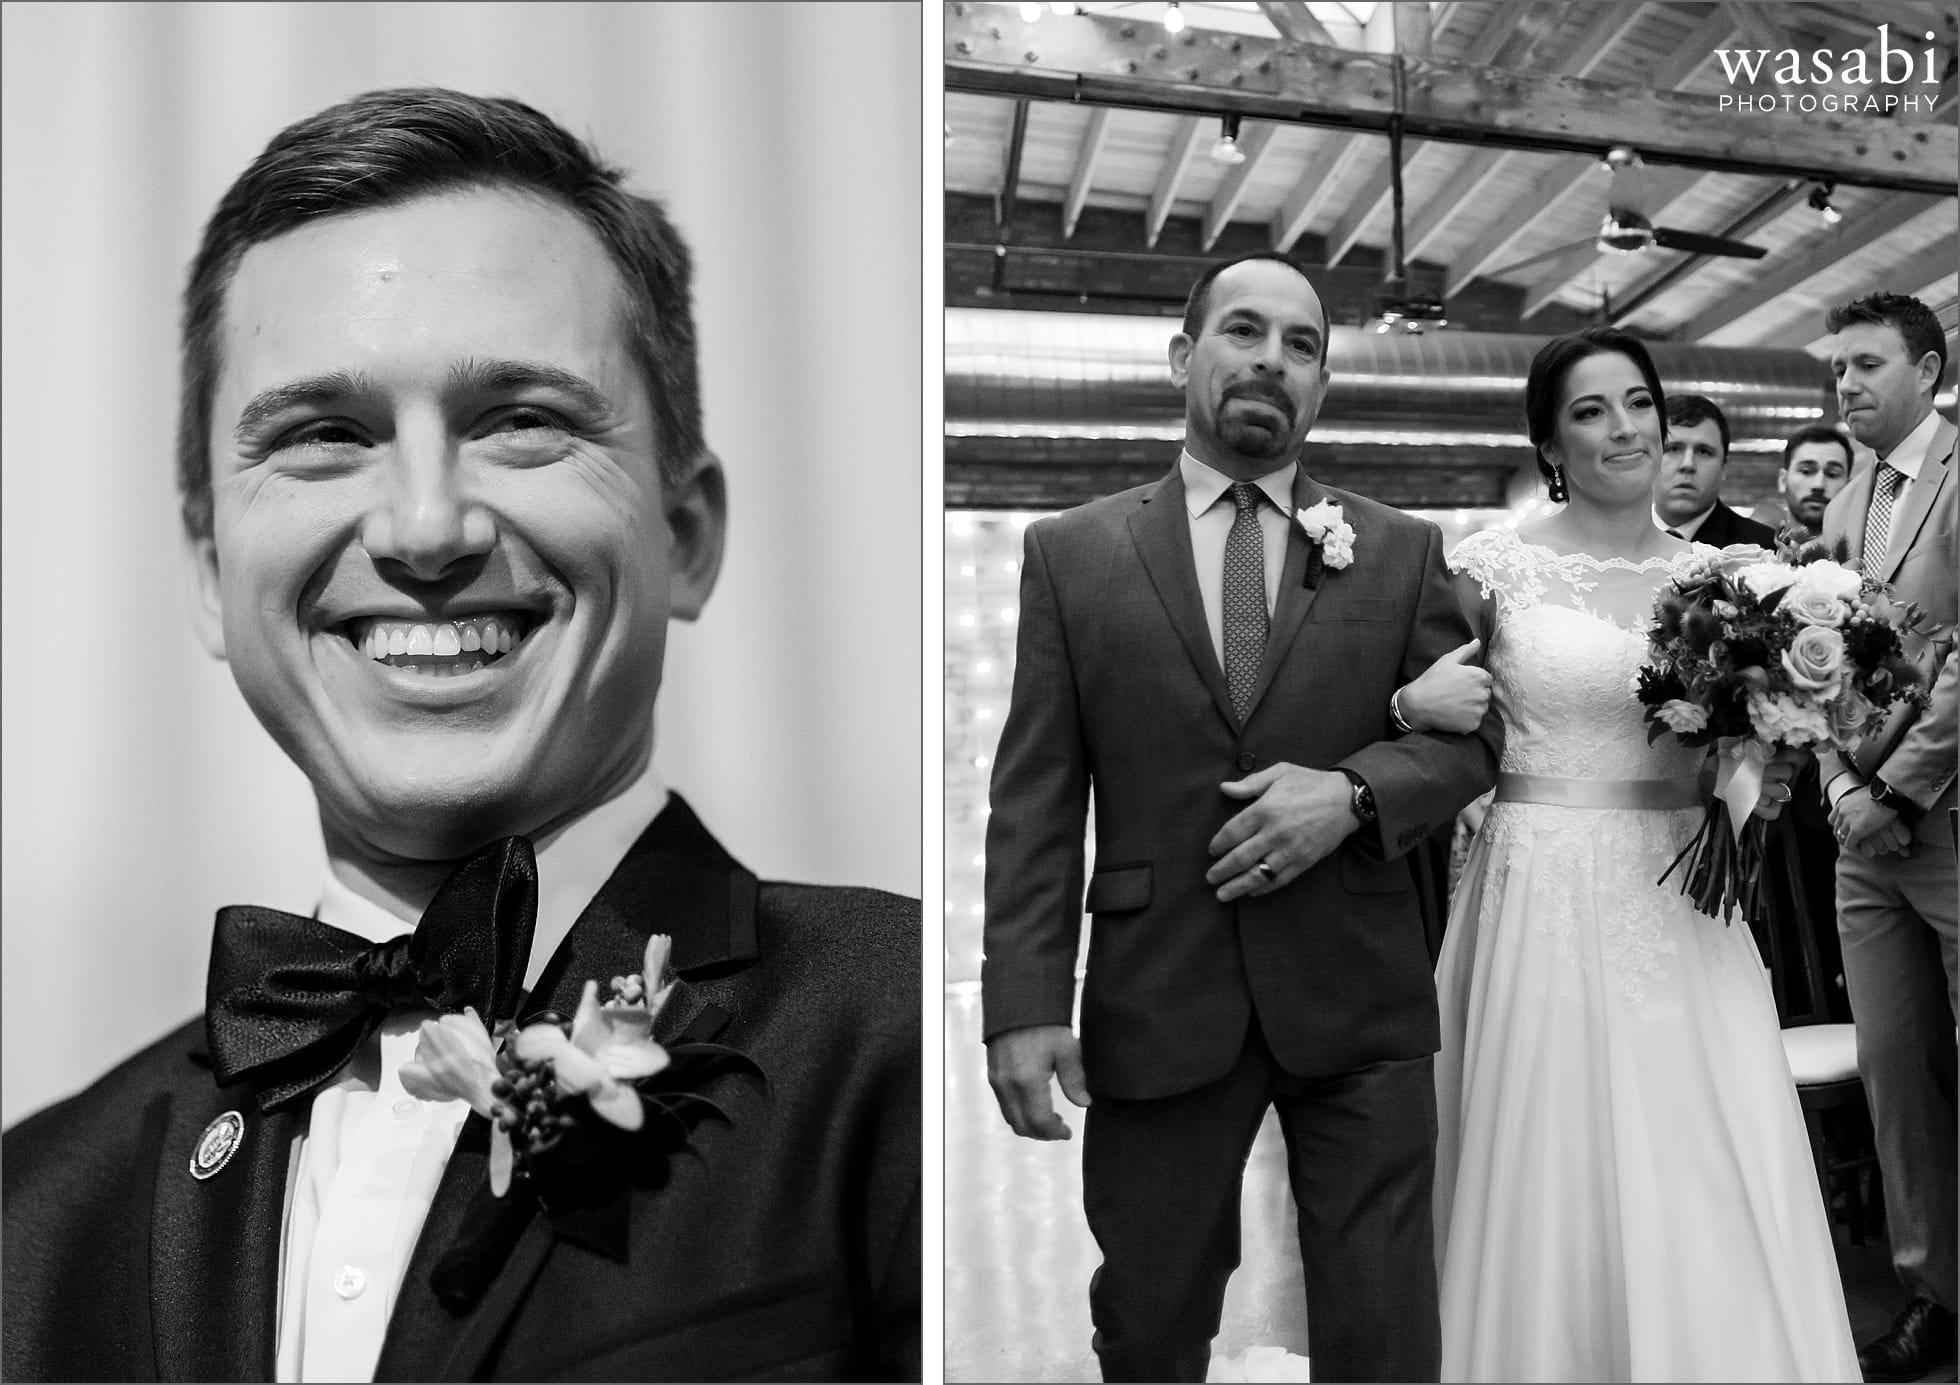 groom sees bride walking down aisle photo